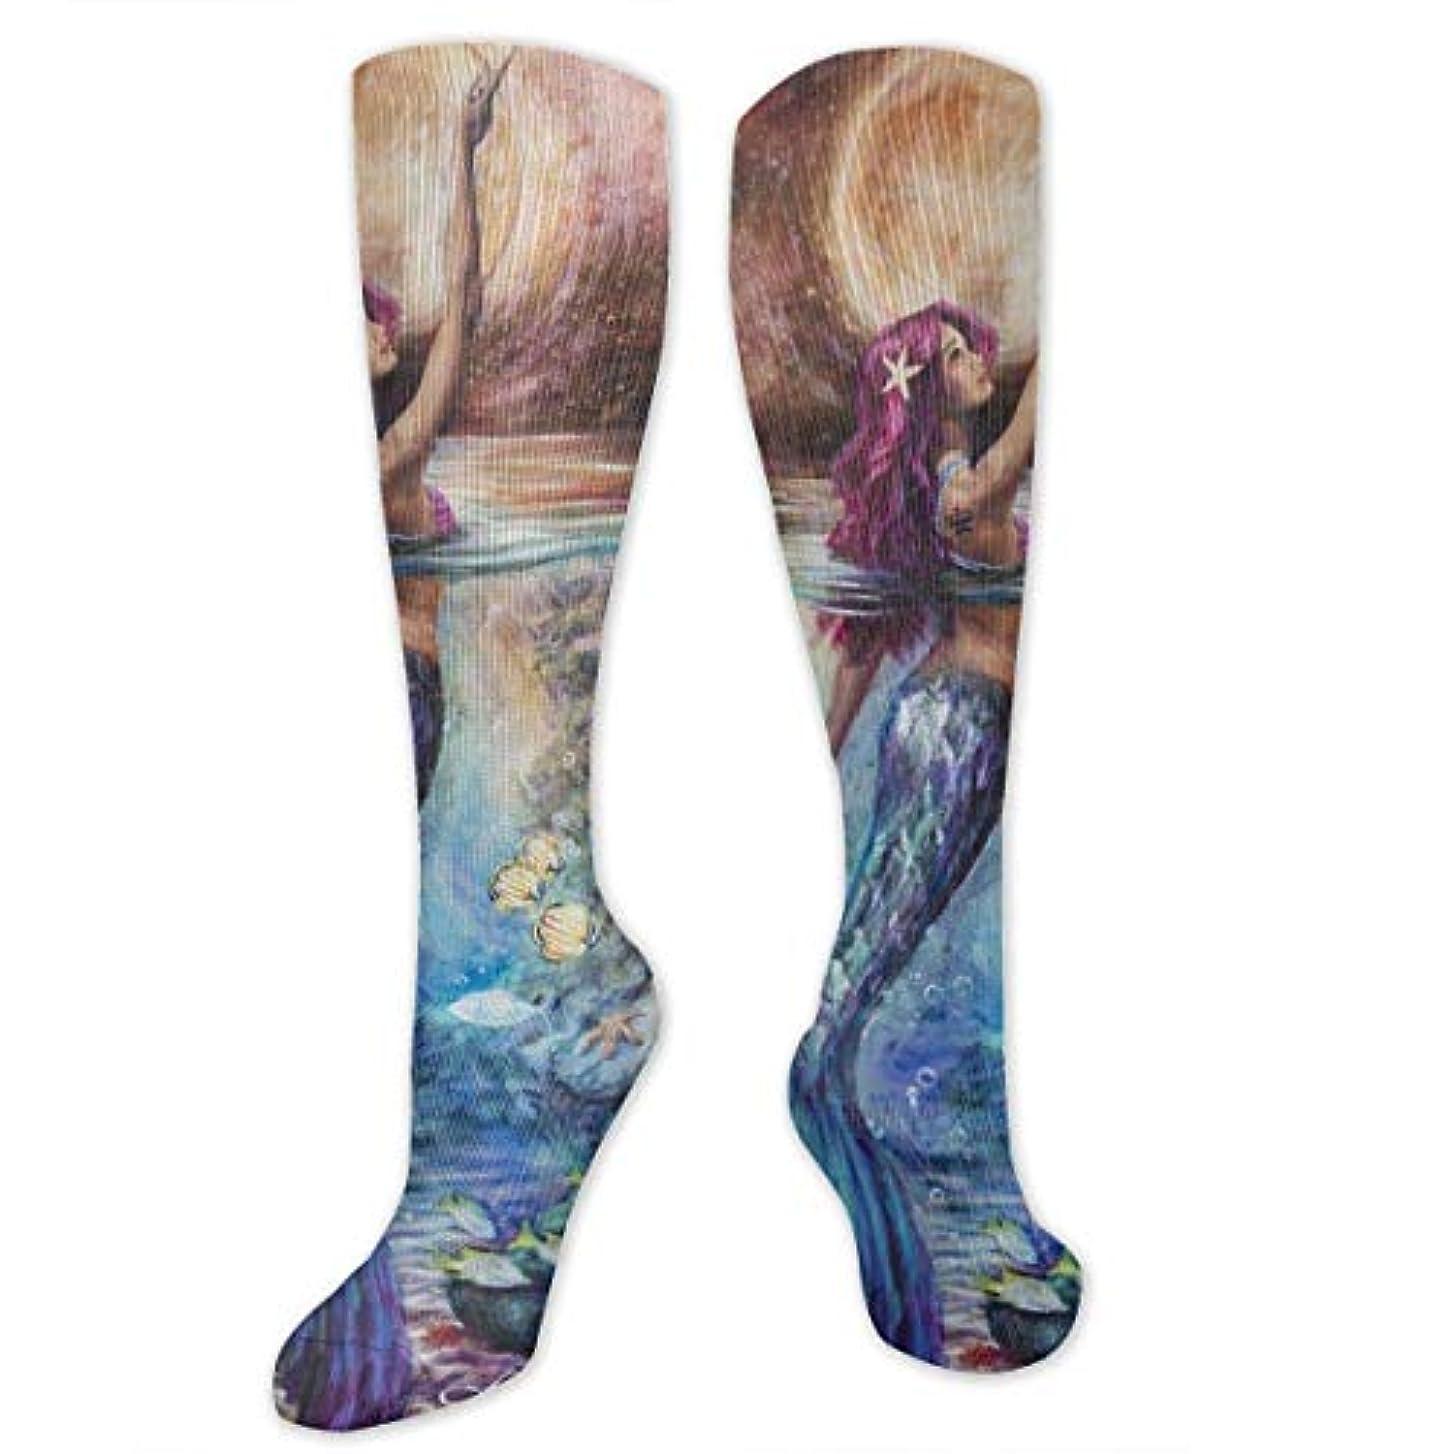 夫ルート委任する月光の下でQrriyクリスマス靴下マーメイドは、女性のためのスリッパ